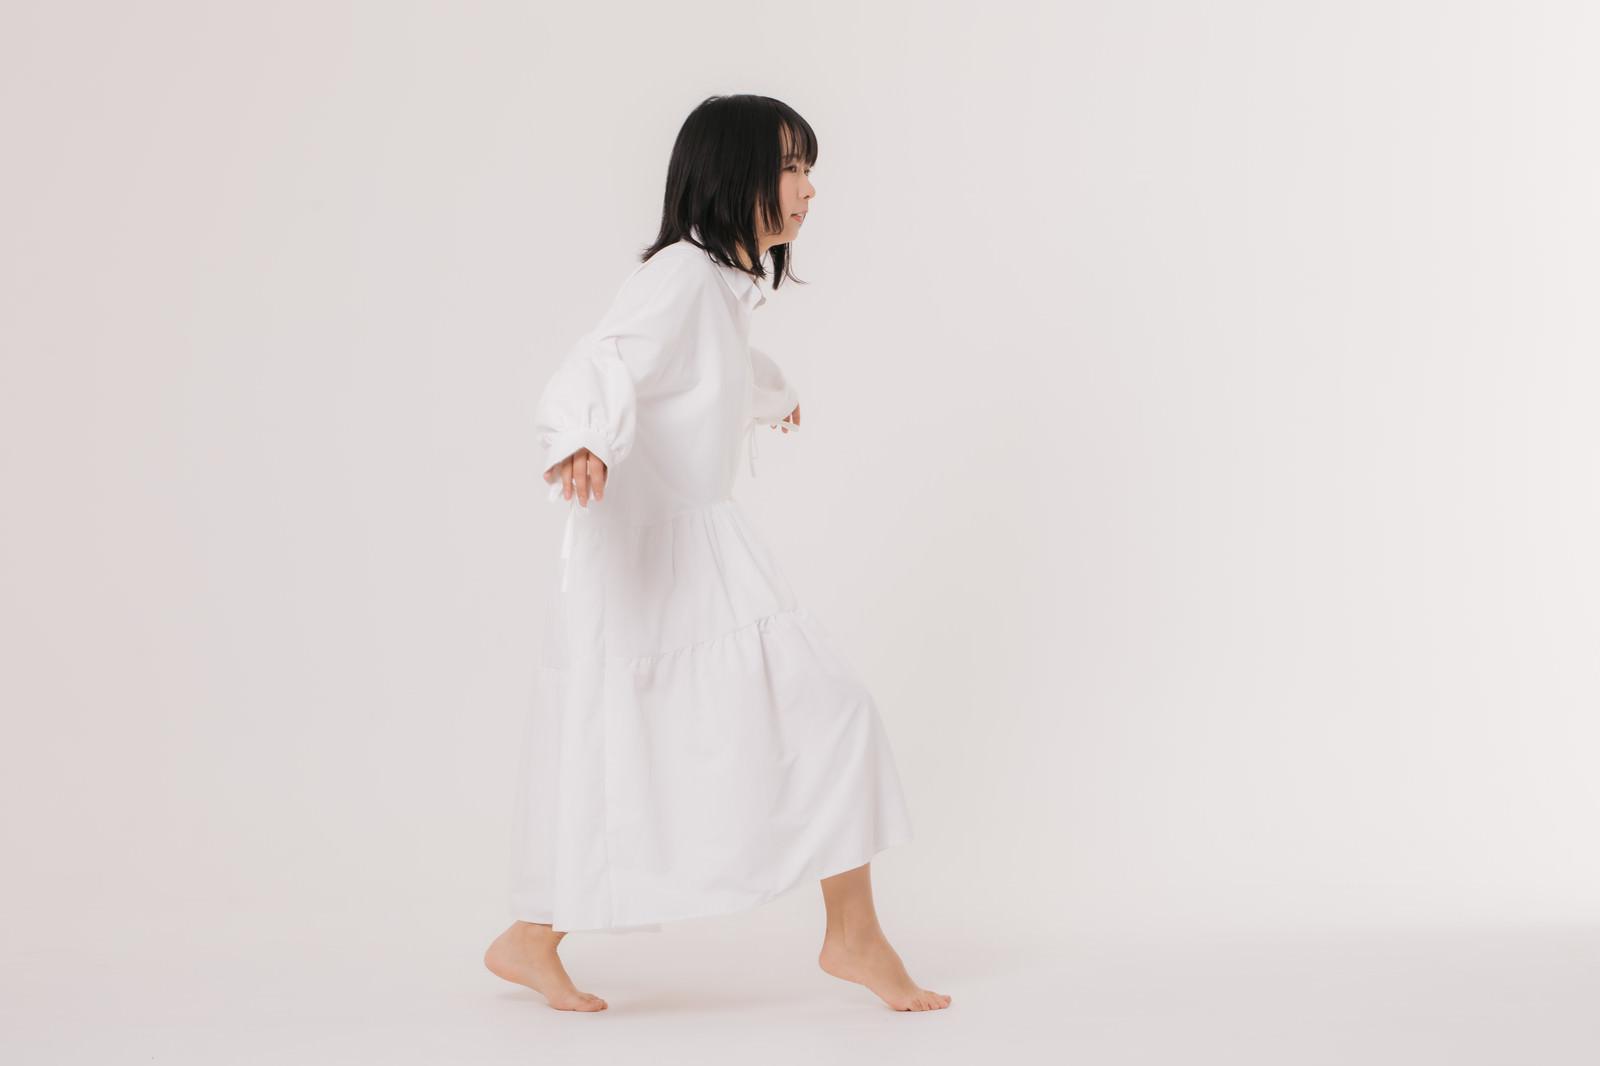 「忍び足で逃げようとする女性」の写真[モデル:にゃるる]